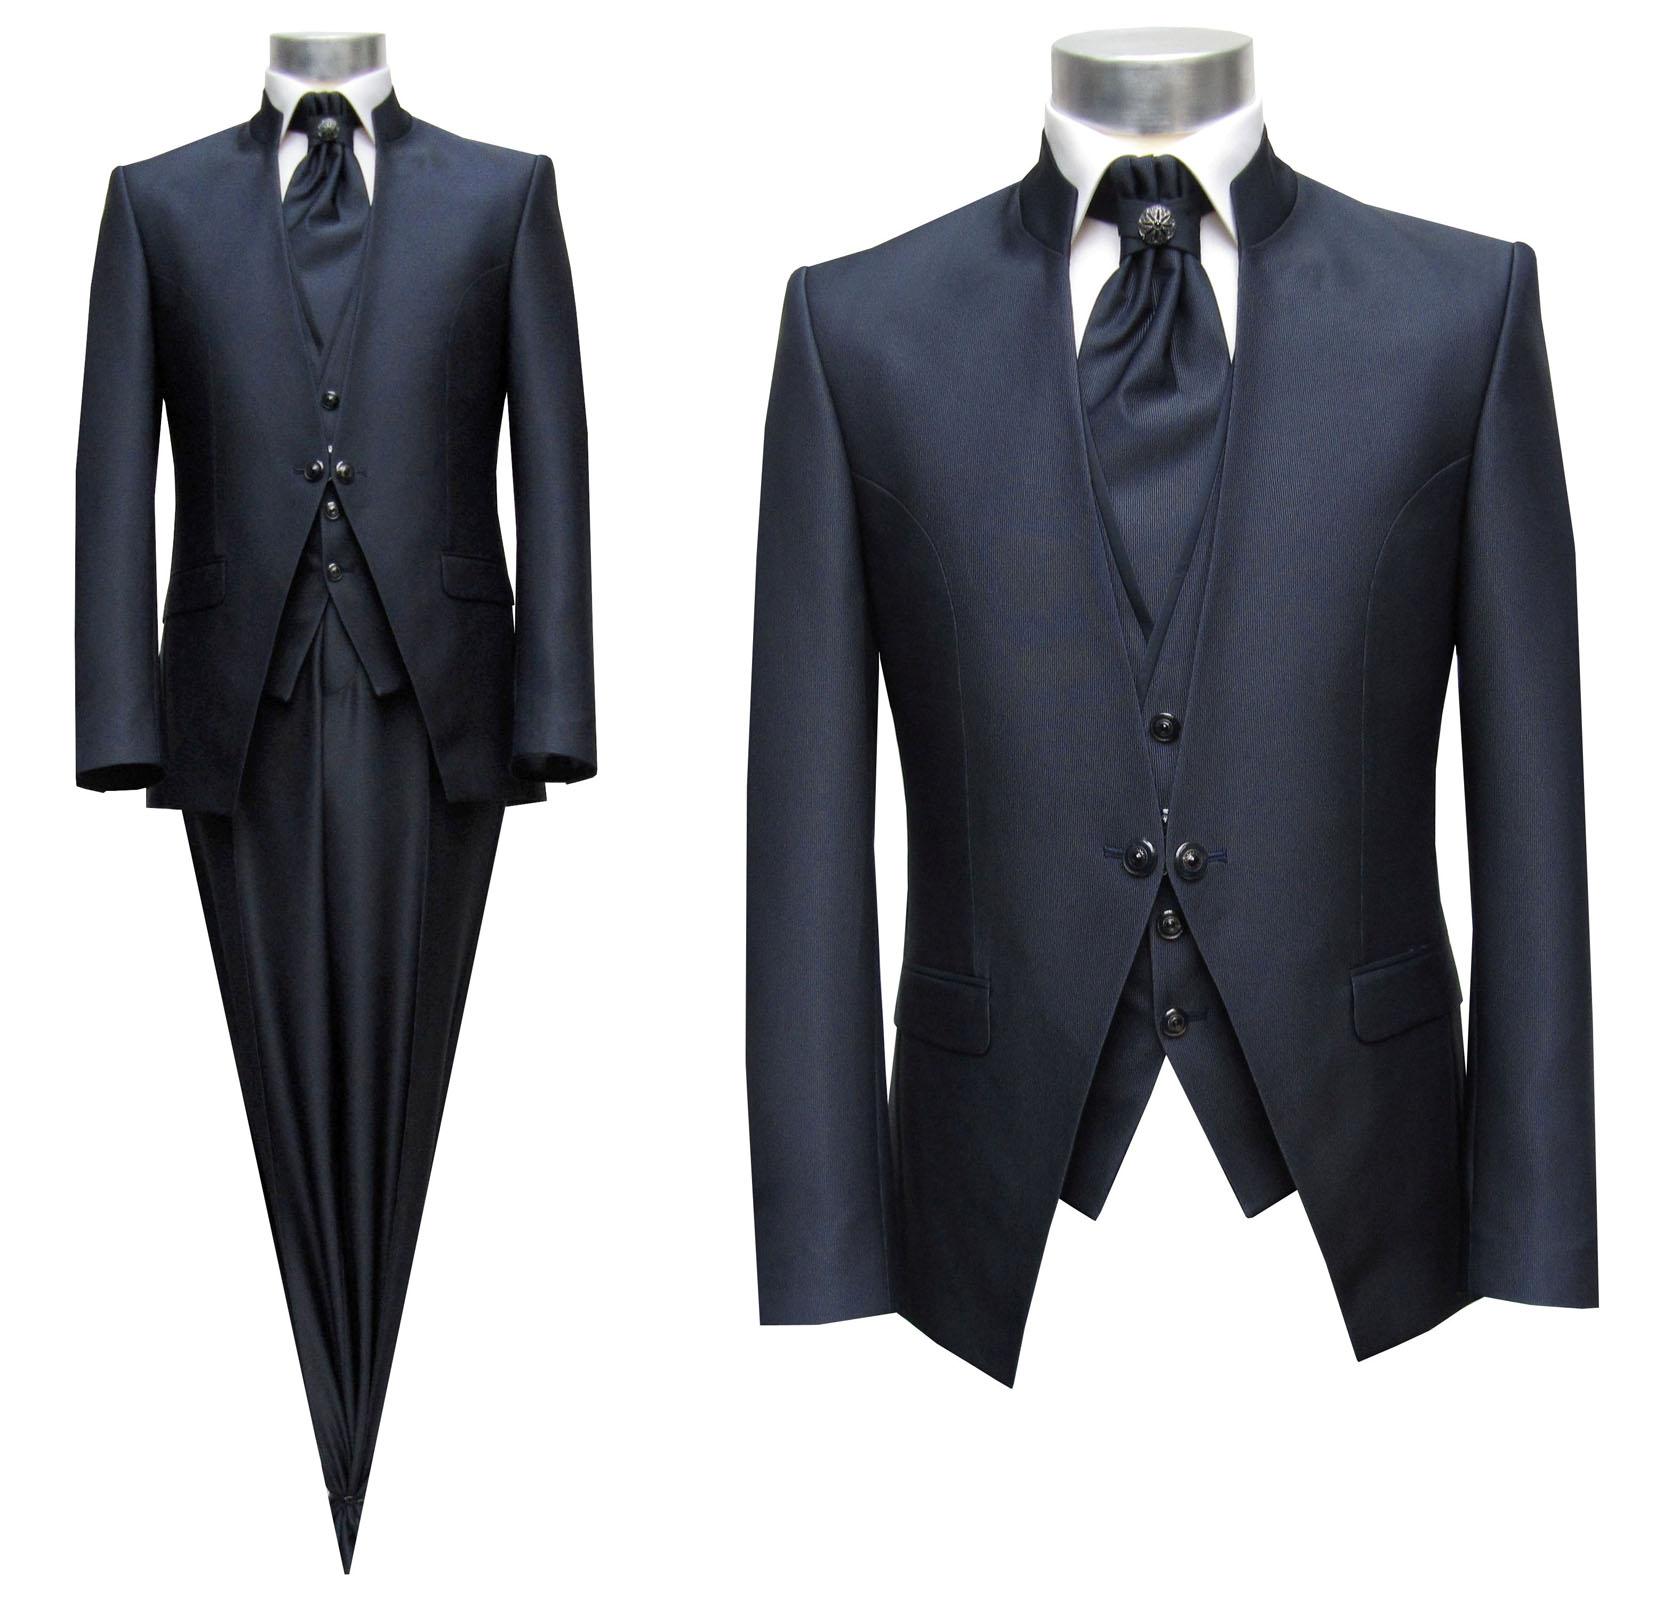 Details zu Steh Kragen Herren Anzug 5 teilig Gr.56 navy blau